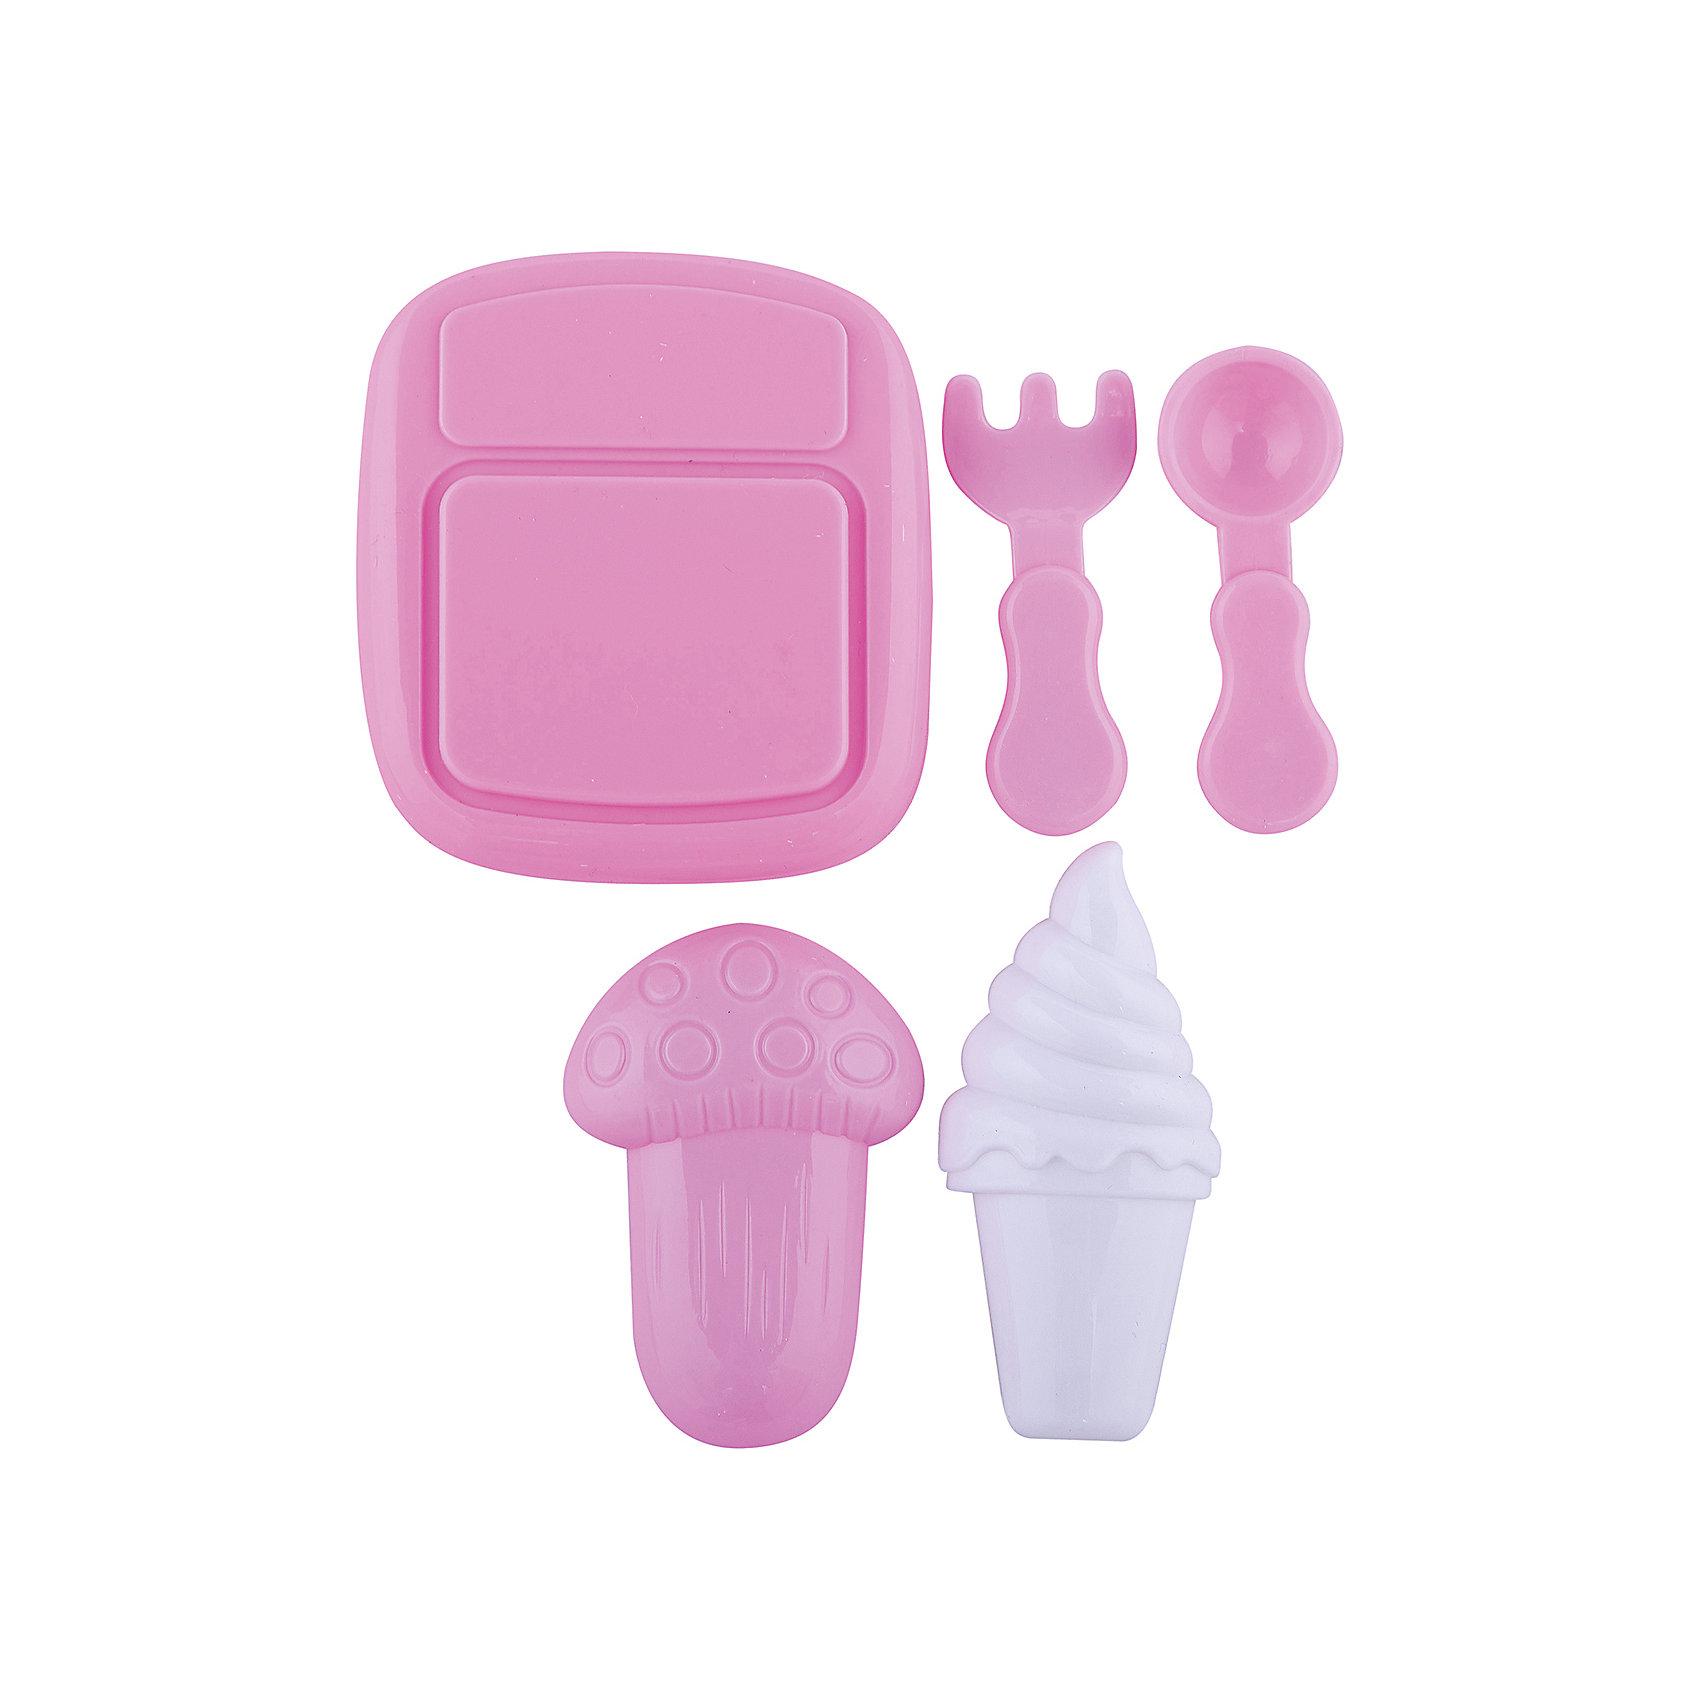 Набор посудки Все для обеда, EstaBellaПосуда и аксессуары для детской кухни<br>Набор посудки Все для обеда, EstaBella (Эстабелла) – непременно понравится вашей юной хозяйке.<br>Набор посудки Все для обеда подарит вашей девочке увлекательный мир ролевой игры, фантазии и воображения. Играя с ним, она будет готовиться к взрослой жизни и станет более самостоятельной, уверенной и активной. Набор прекрасно подойдет для сюжетно-ролевых игр и станет прекрасным дополнением к любой кукольной кухне. Изготовлен из высококачественной и безопасной пластмассы.<br><br>Дополнительная информация:<br><br>- В наборе: разделочная доска, вилка, нож, другие аксессуары<br>- Материал: пластмасса<br>- Размер упаковки: 12х3х12 см.<br><br>Набор посудки Все для обеда, EstaBella (Эстабелла) можно купить в нашем интернет-магазине.<br><br>Ширина мм: 120<br>Глубина мм: 30<br>Высота мм: 120<br>Вес г: 390<br>Возраст от месяцев: 36<br>Возраст до месяцев: 72<br>Пол: Женский<br>Возраст: Детский<br>SKU: 4552915